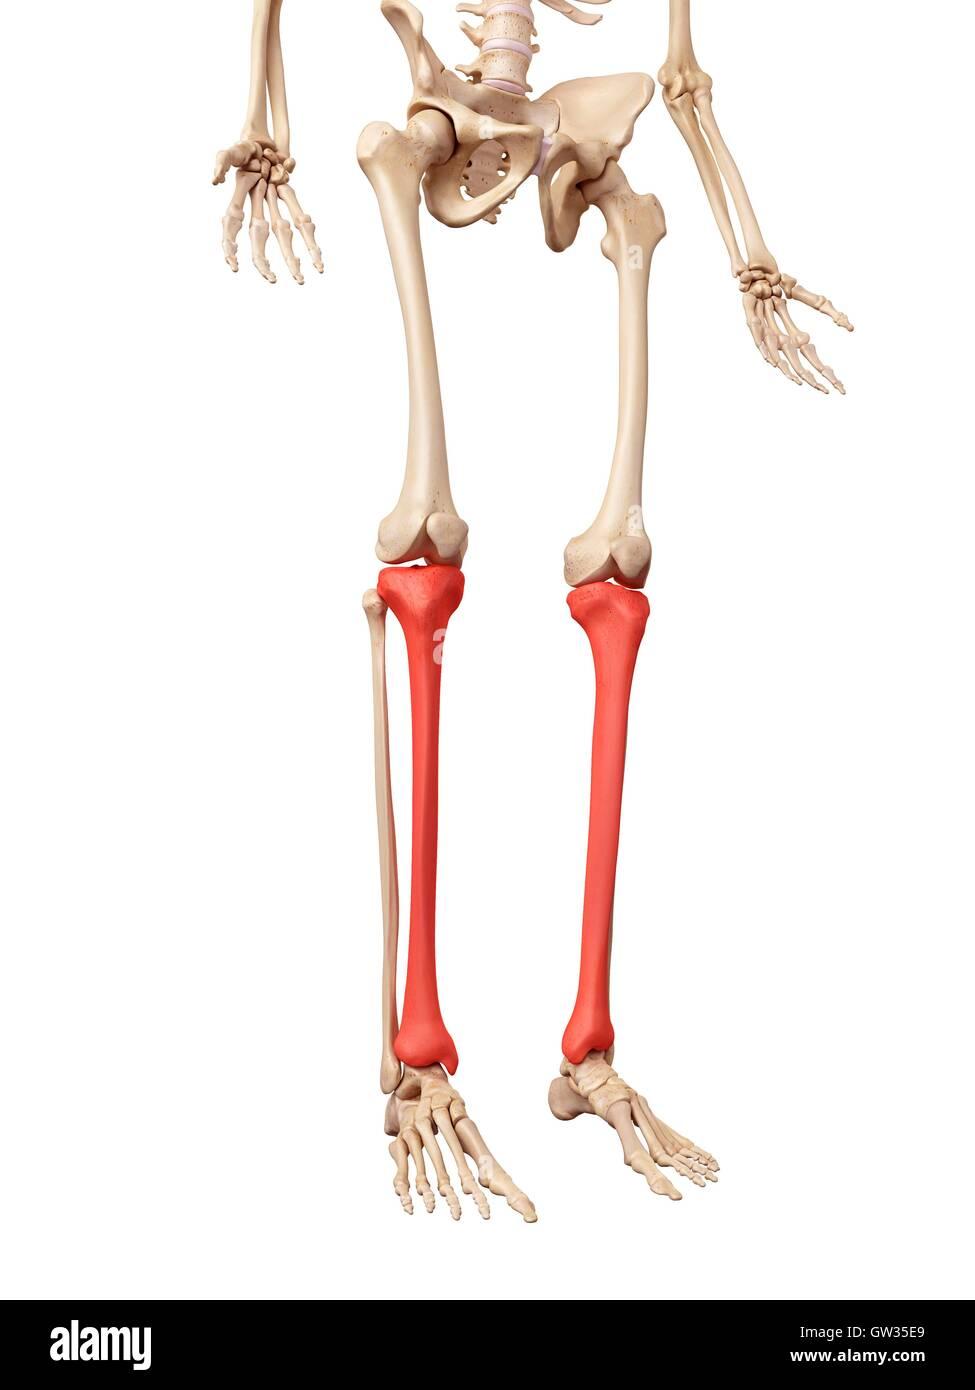 Erfreut Bilder Von Beinknochen Ideen - Anatomie Von Menschlichen ...